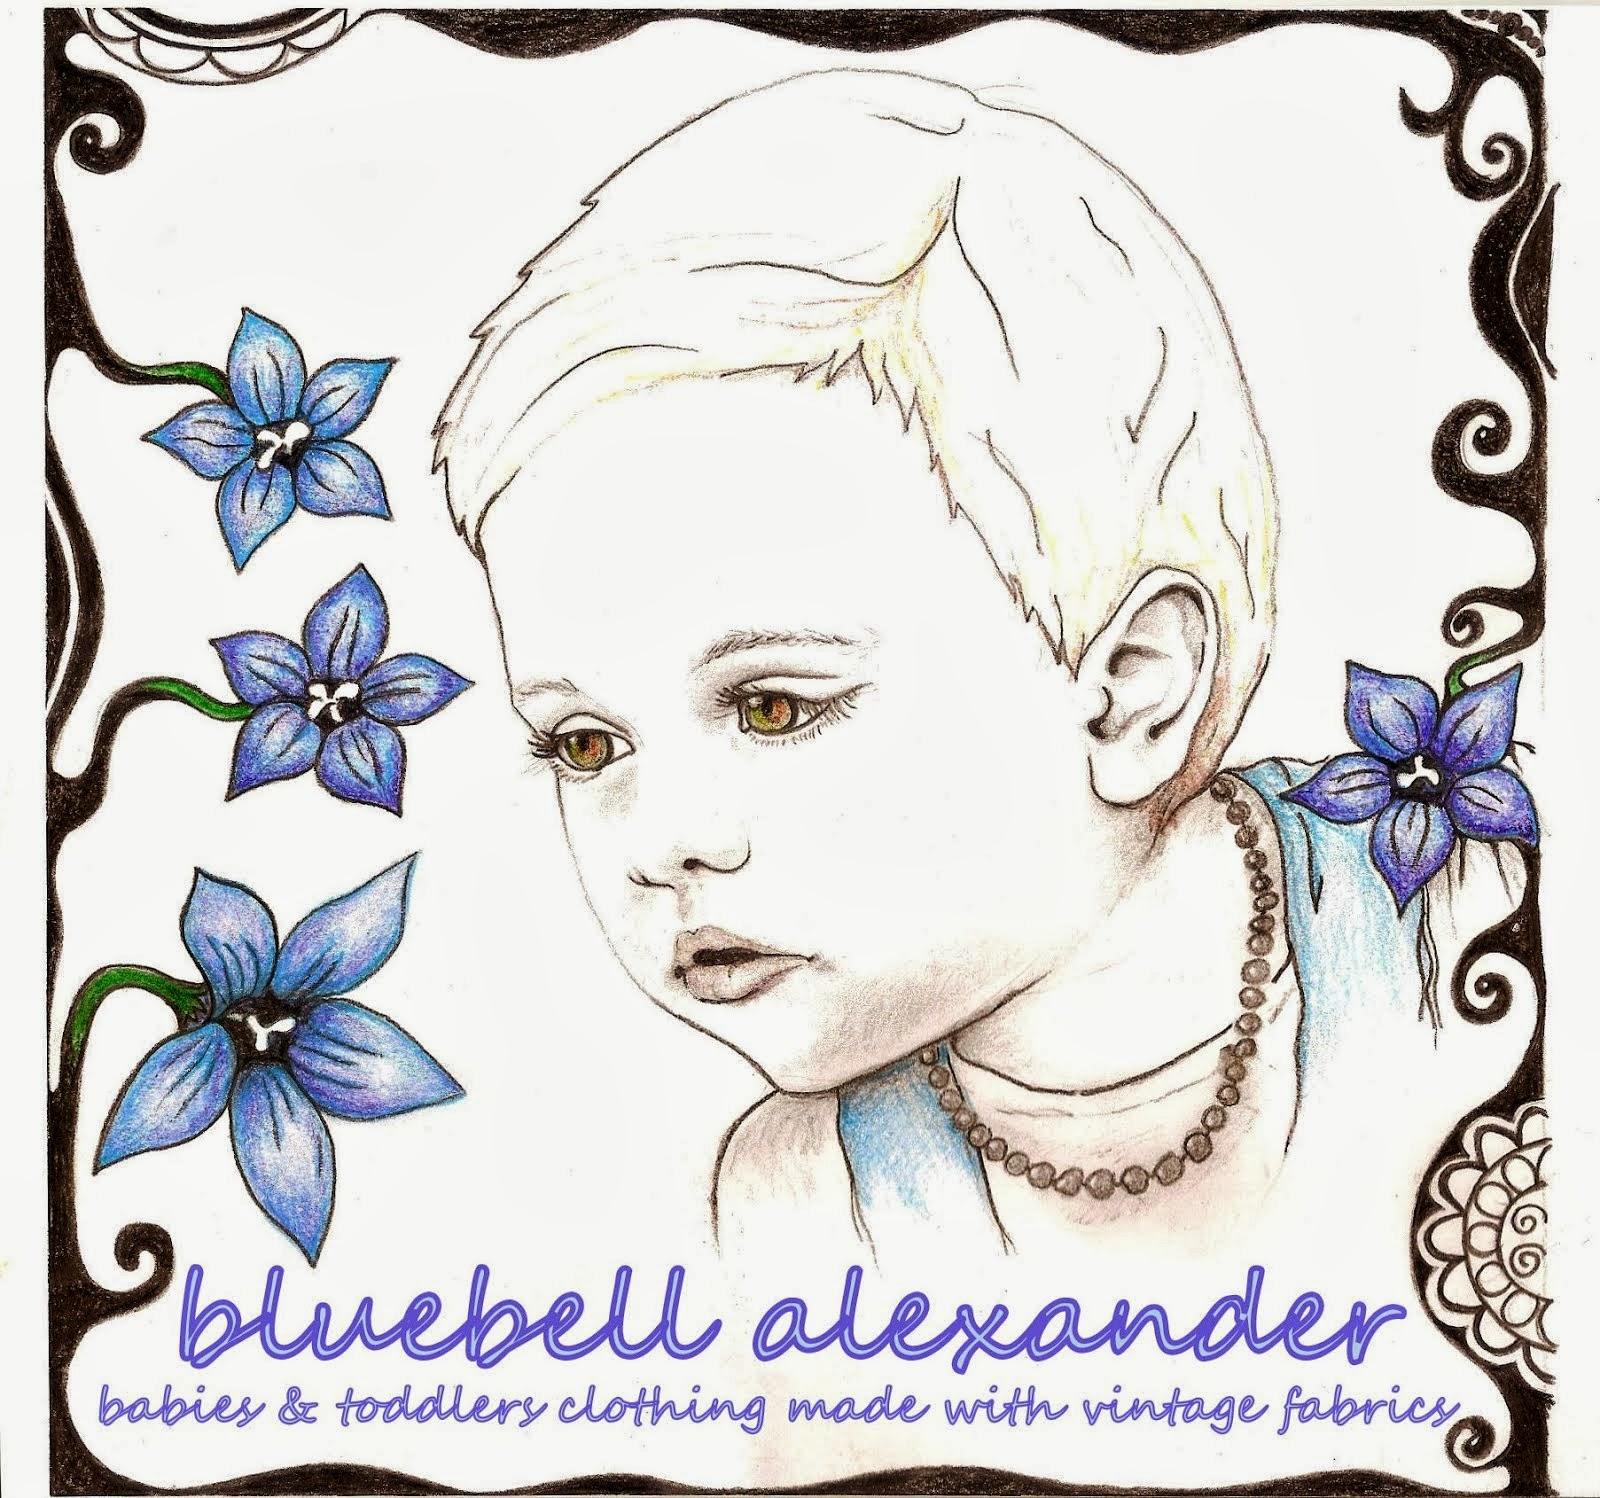 bluebell alexander